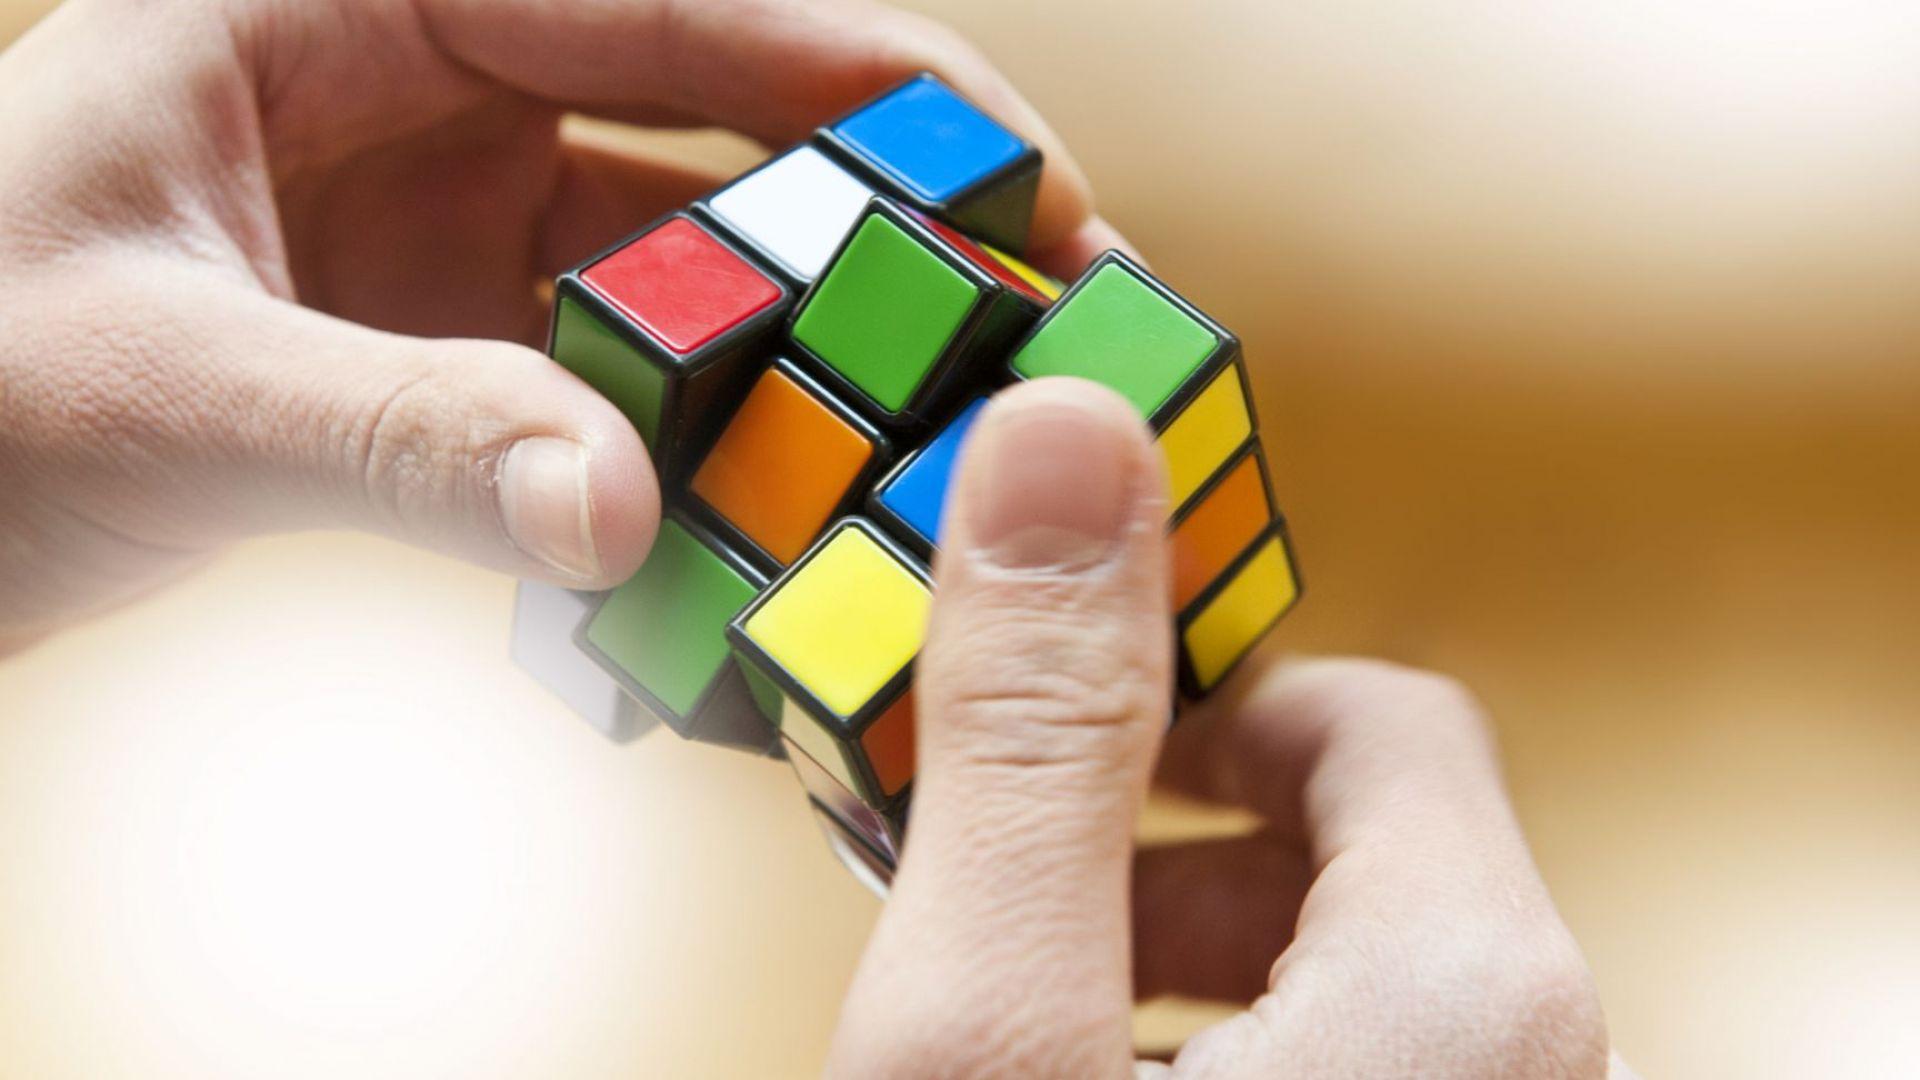 Съд на ЕС нанесе удар на кубчето Рубик в съдебен спор за търговската марка